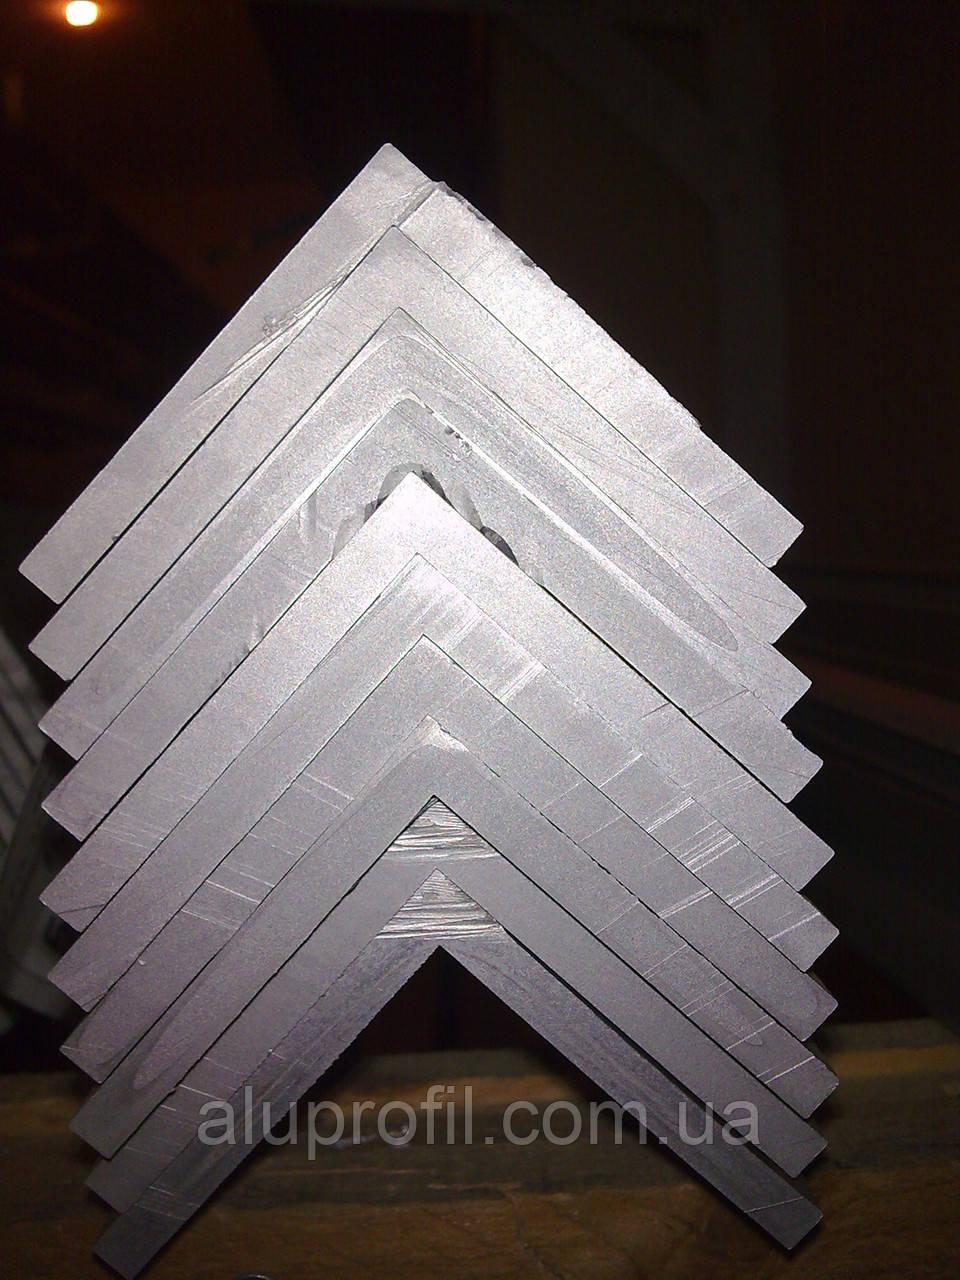 Алюминиевый профиль — уголок алюминиевый 50х50х5